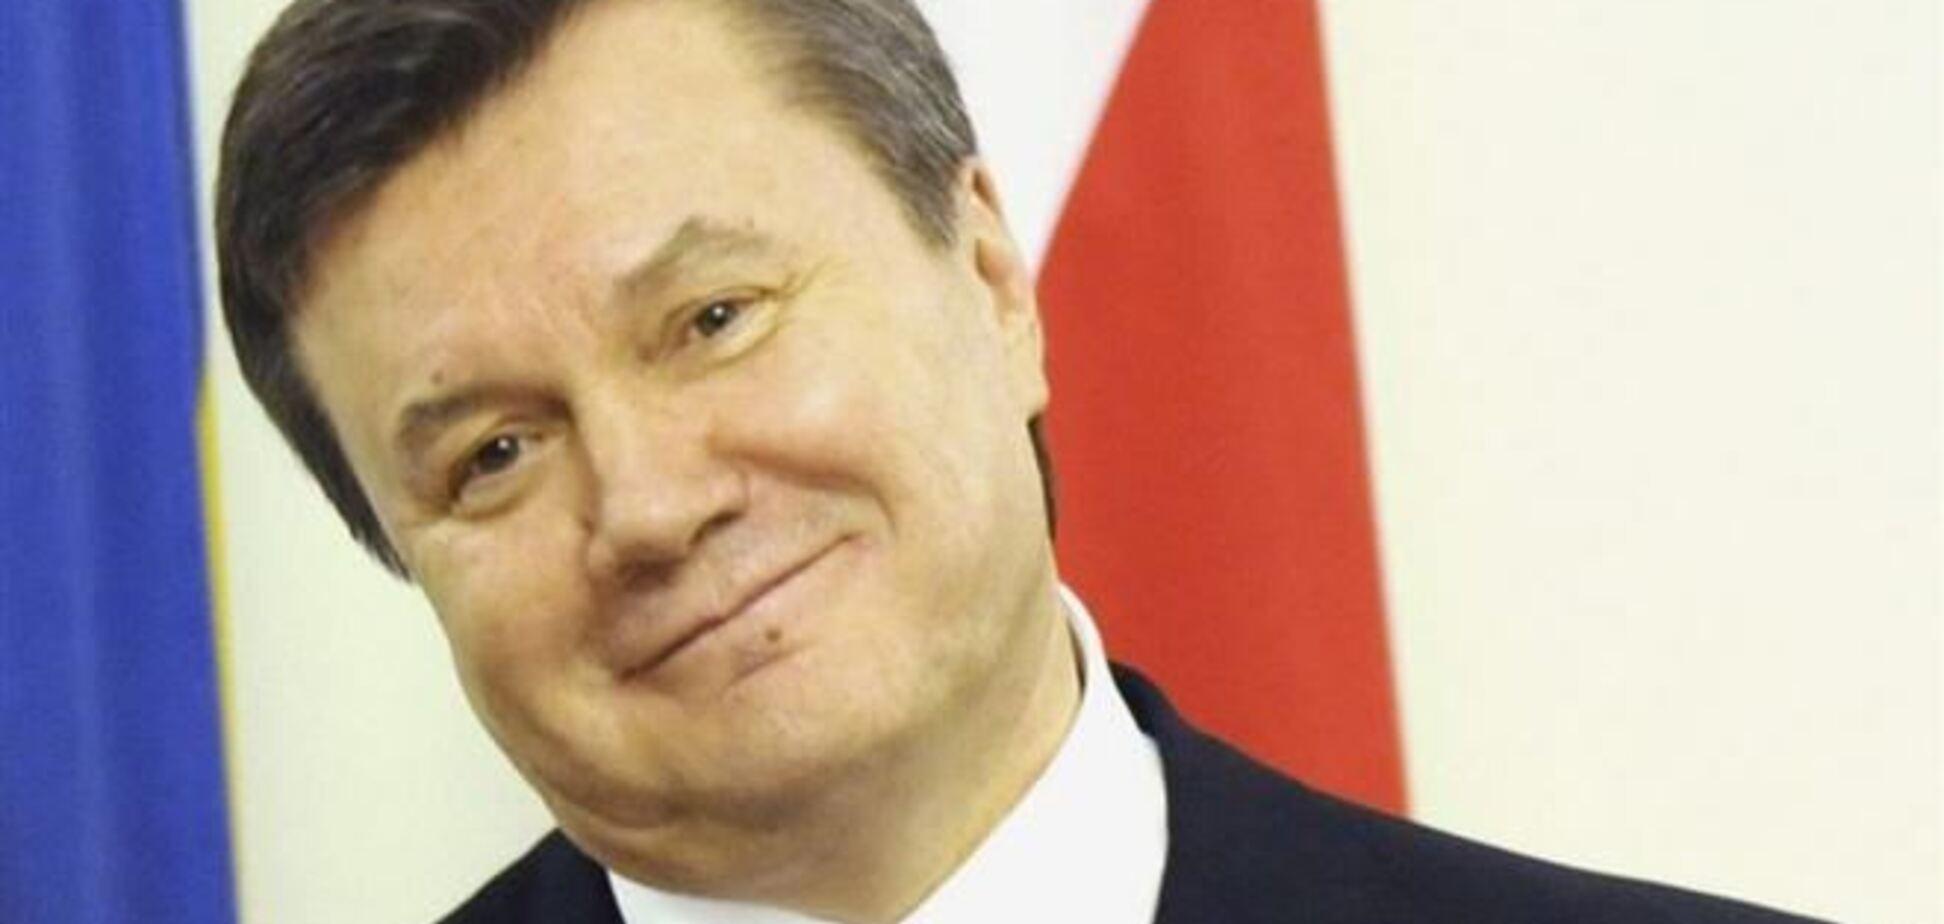 В МВД отрицают, что Янукович объявлен в розыск